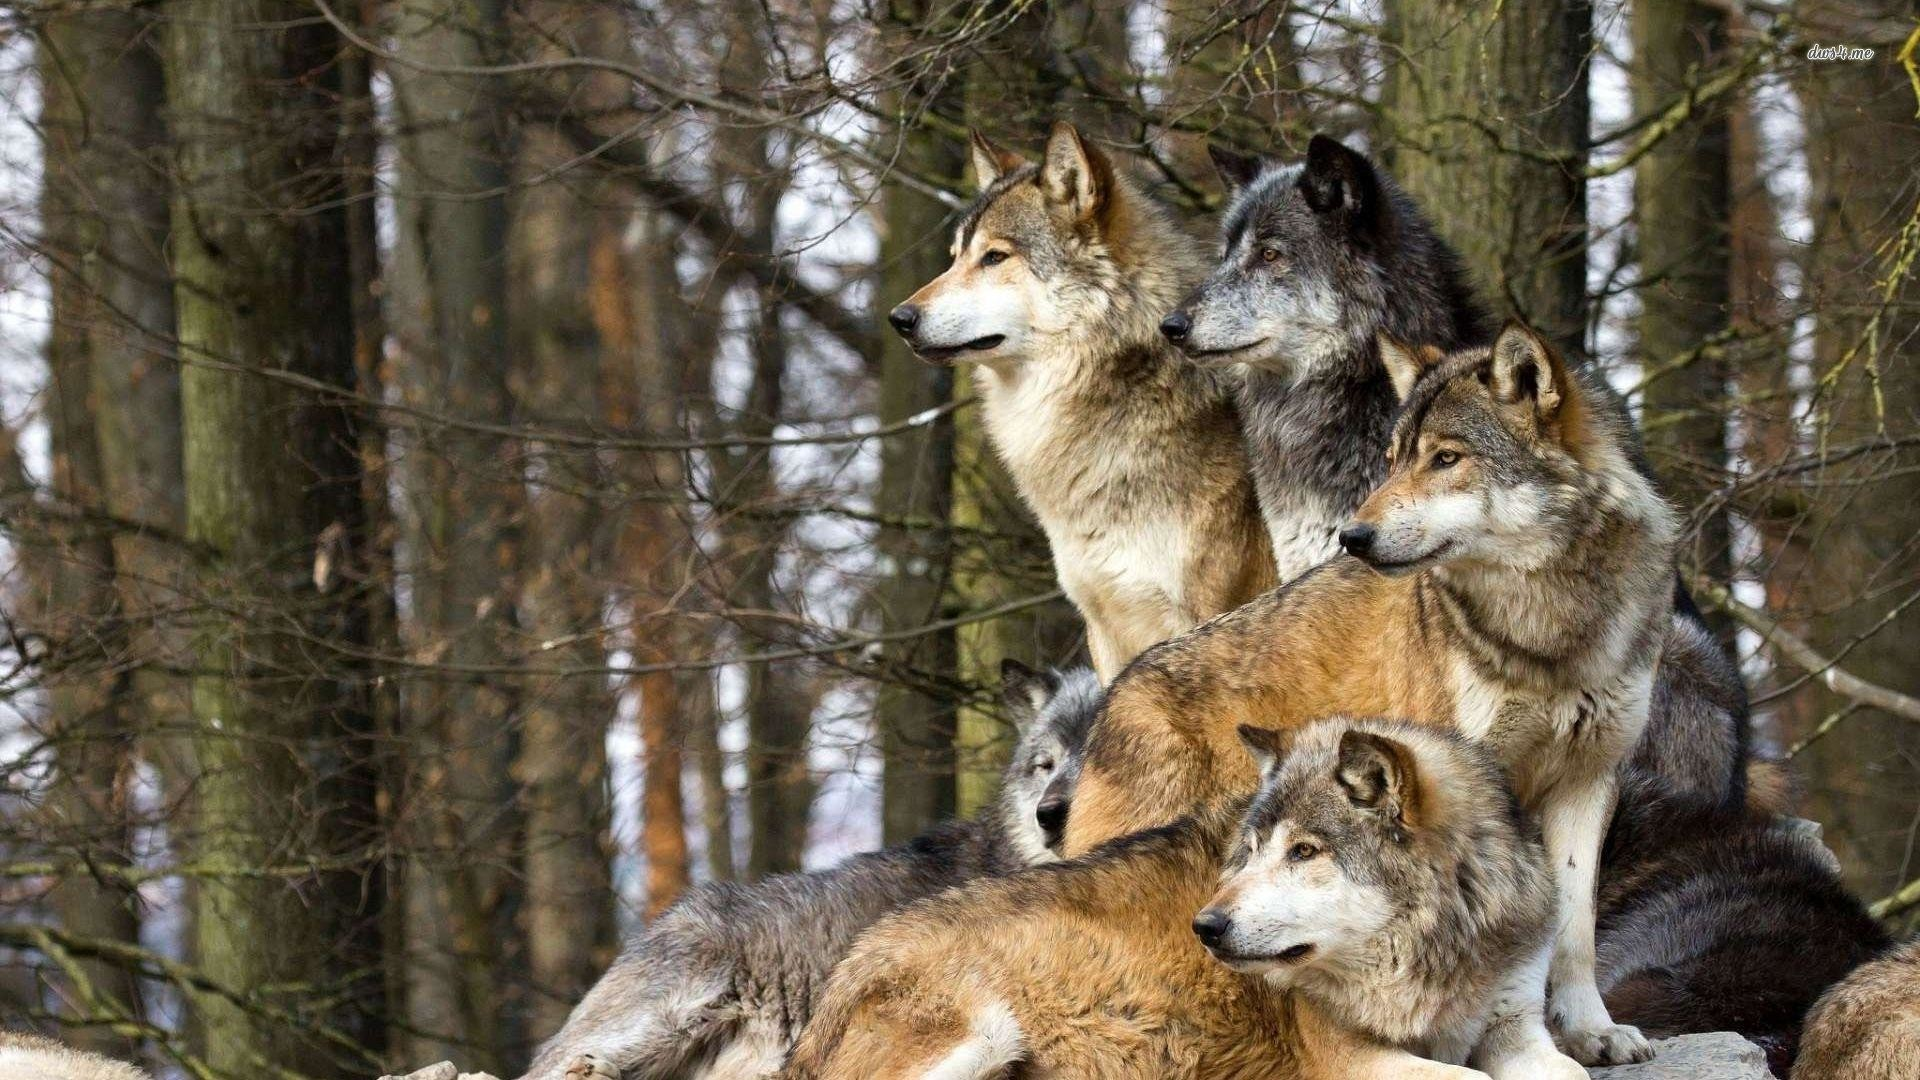 Wolf Pack Wallpaper – WallpaperSafari